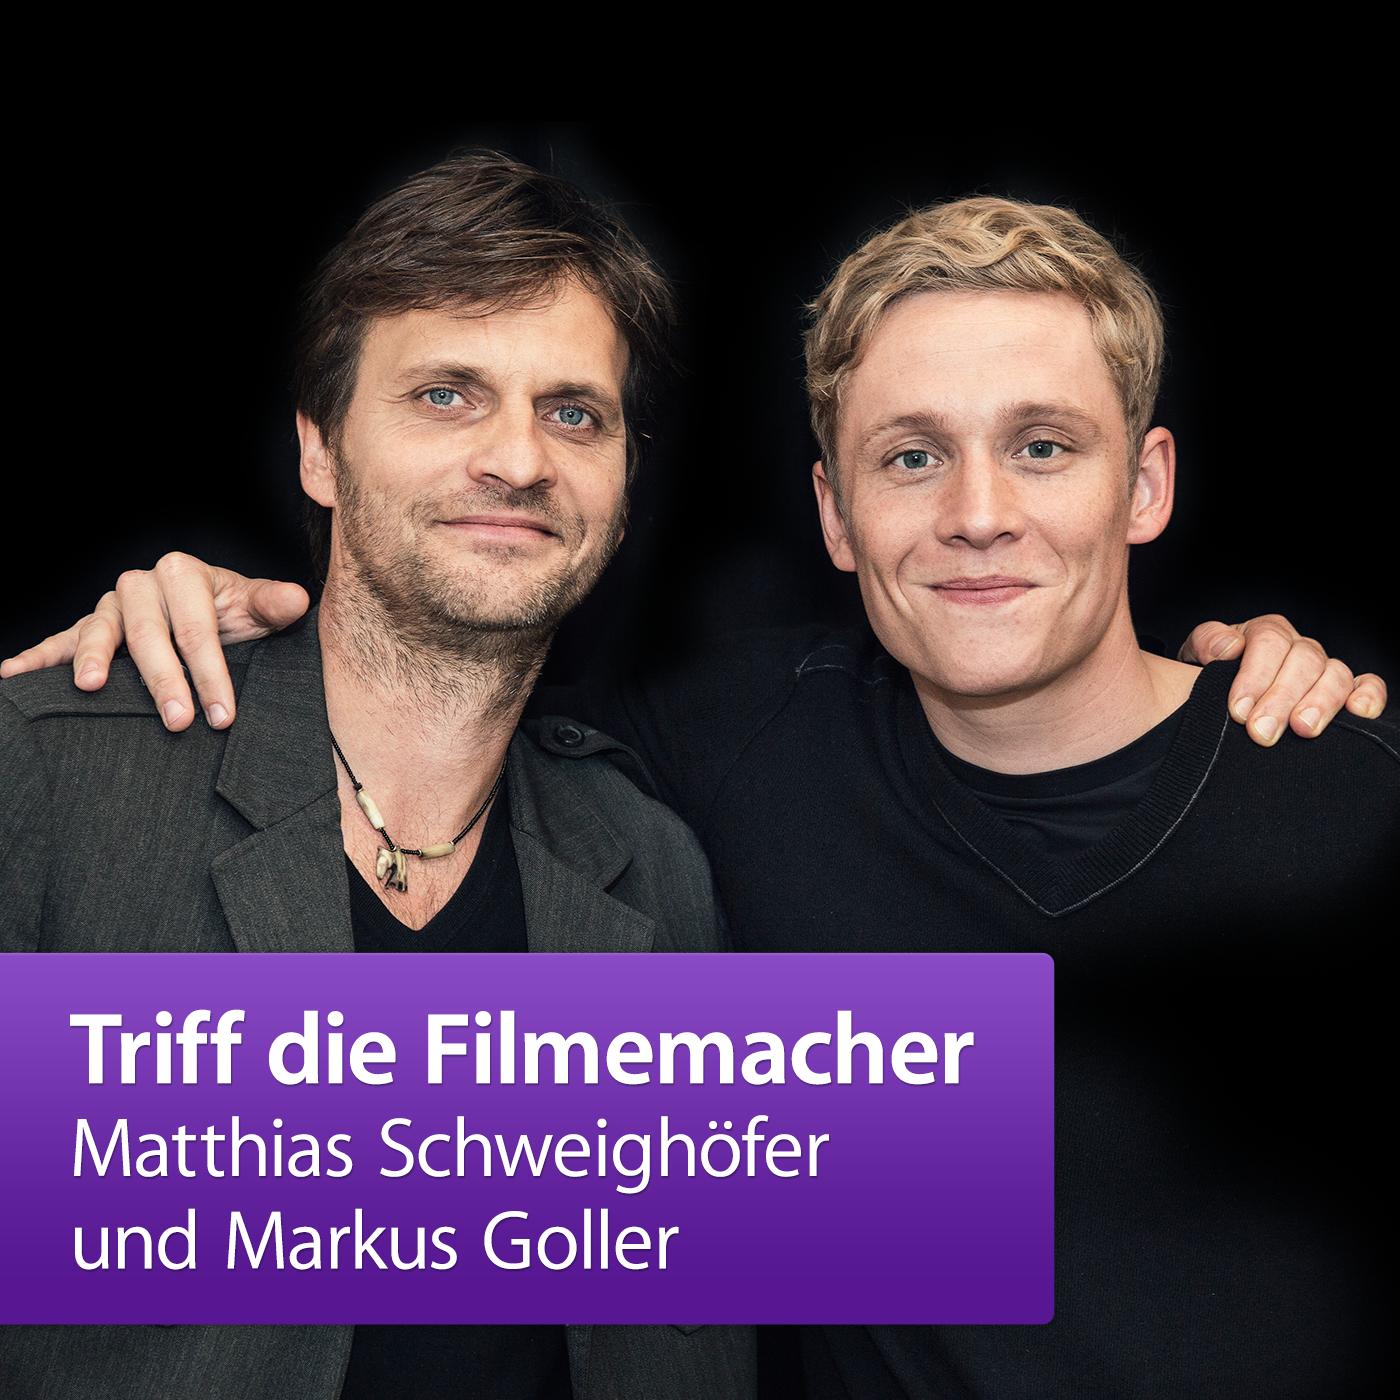 Matthias Schweighöfer und Markus Goller: Triff die Filmemacher